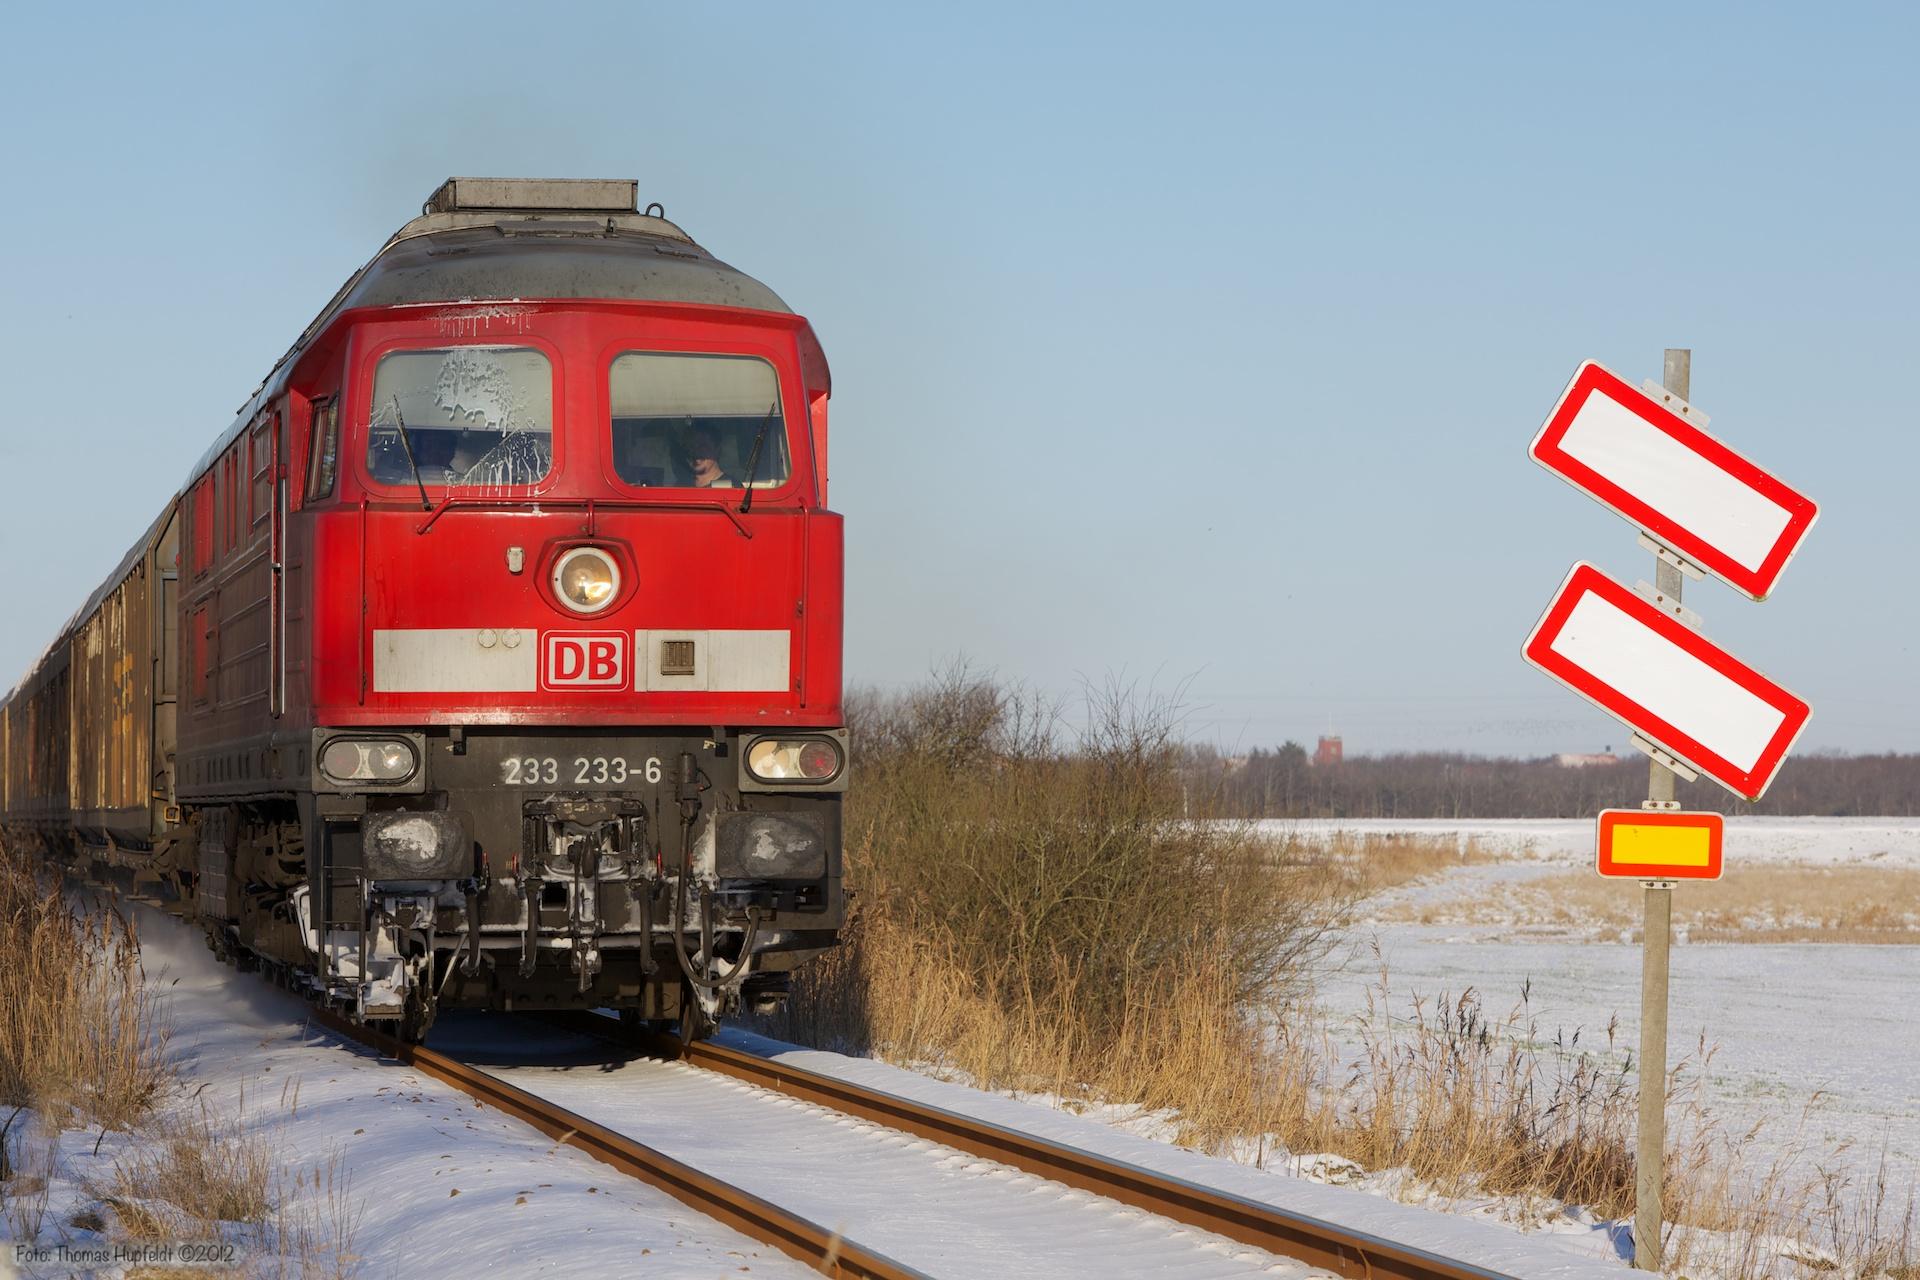 DB 233 233-6 med 48789 (Tdr-Machen Rbf) ved Tønder - 06.12.2012